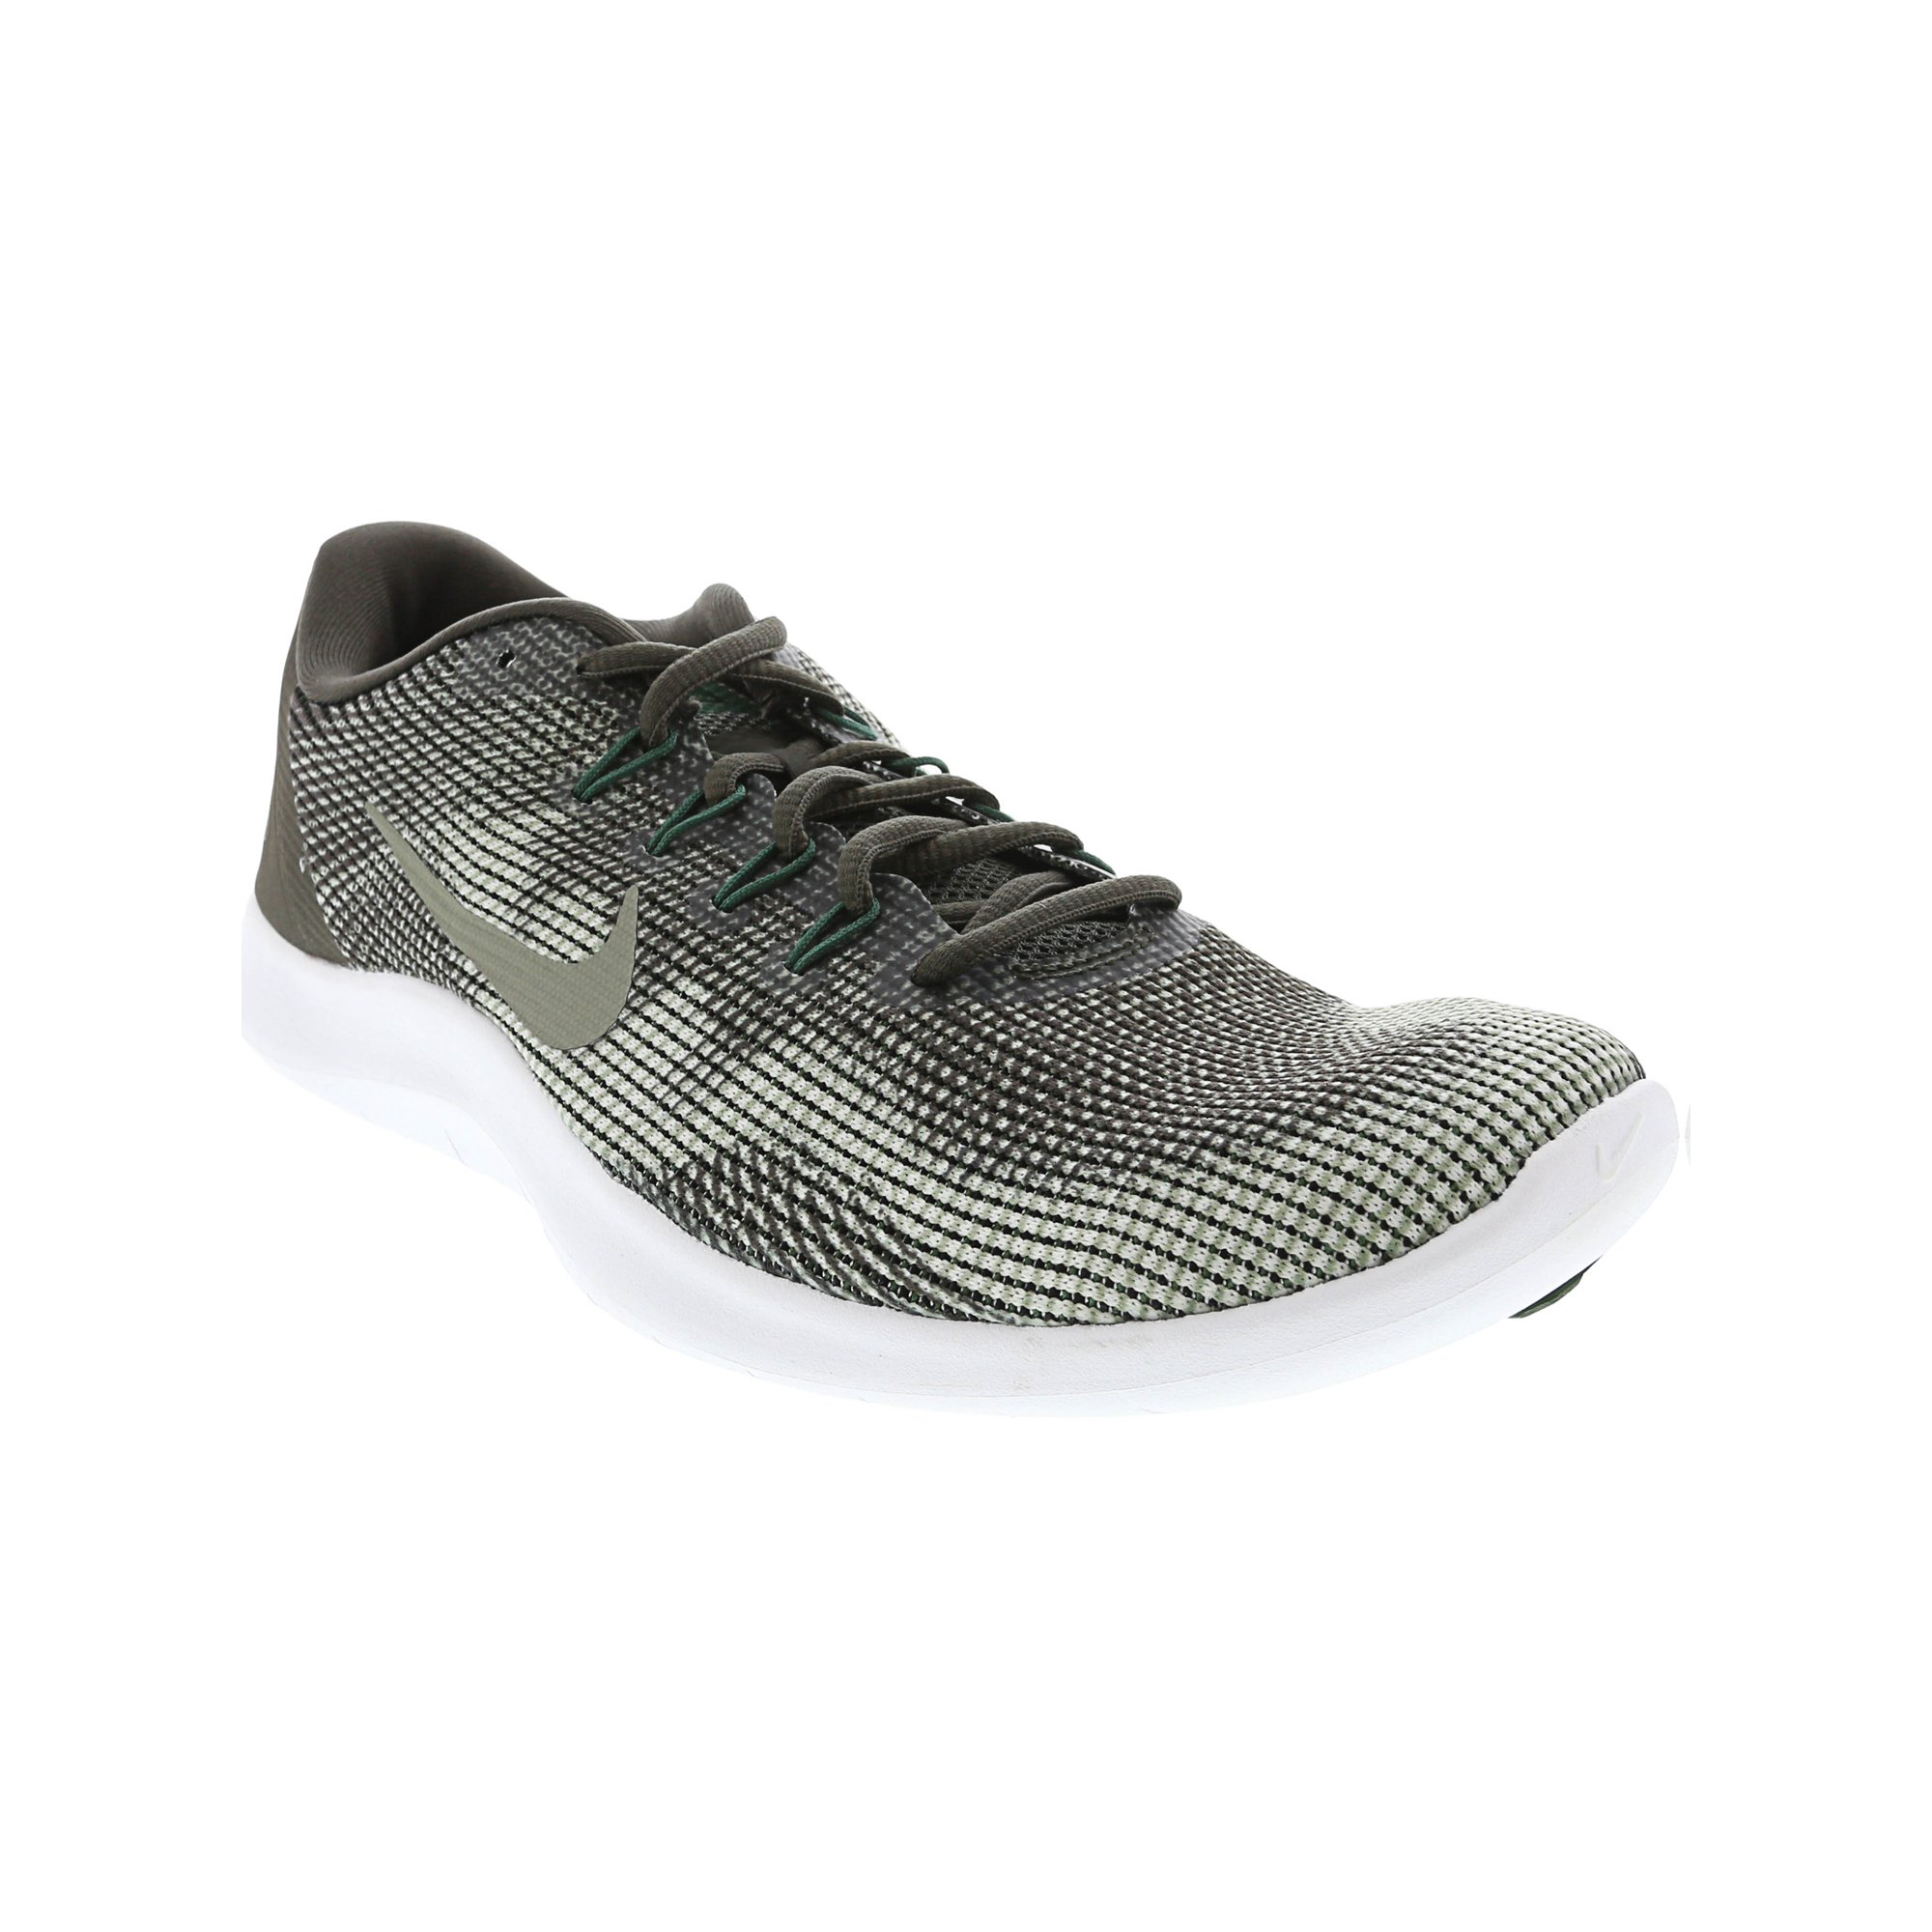 e986d291e6f0d Nike Men s Flex 2018 Rn Midnight Navy   White Ankle-High Mesh Running Shoe  - 10M